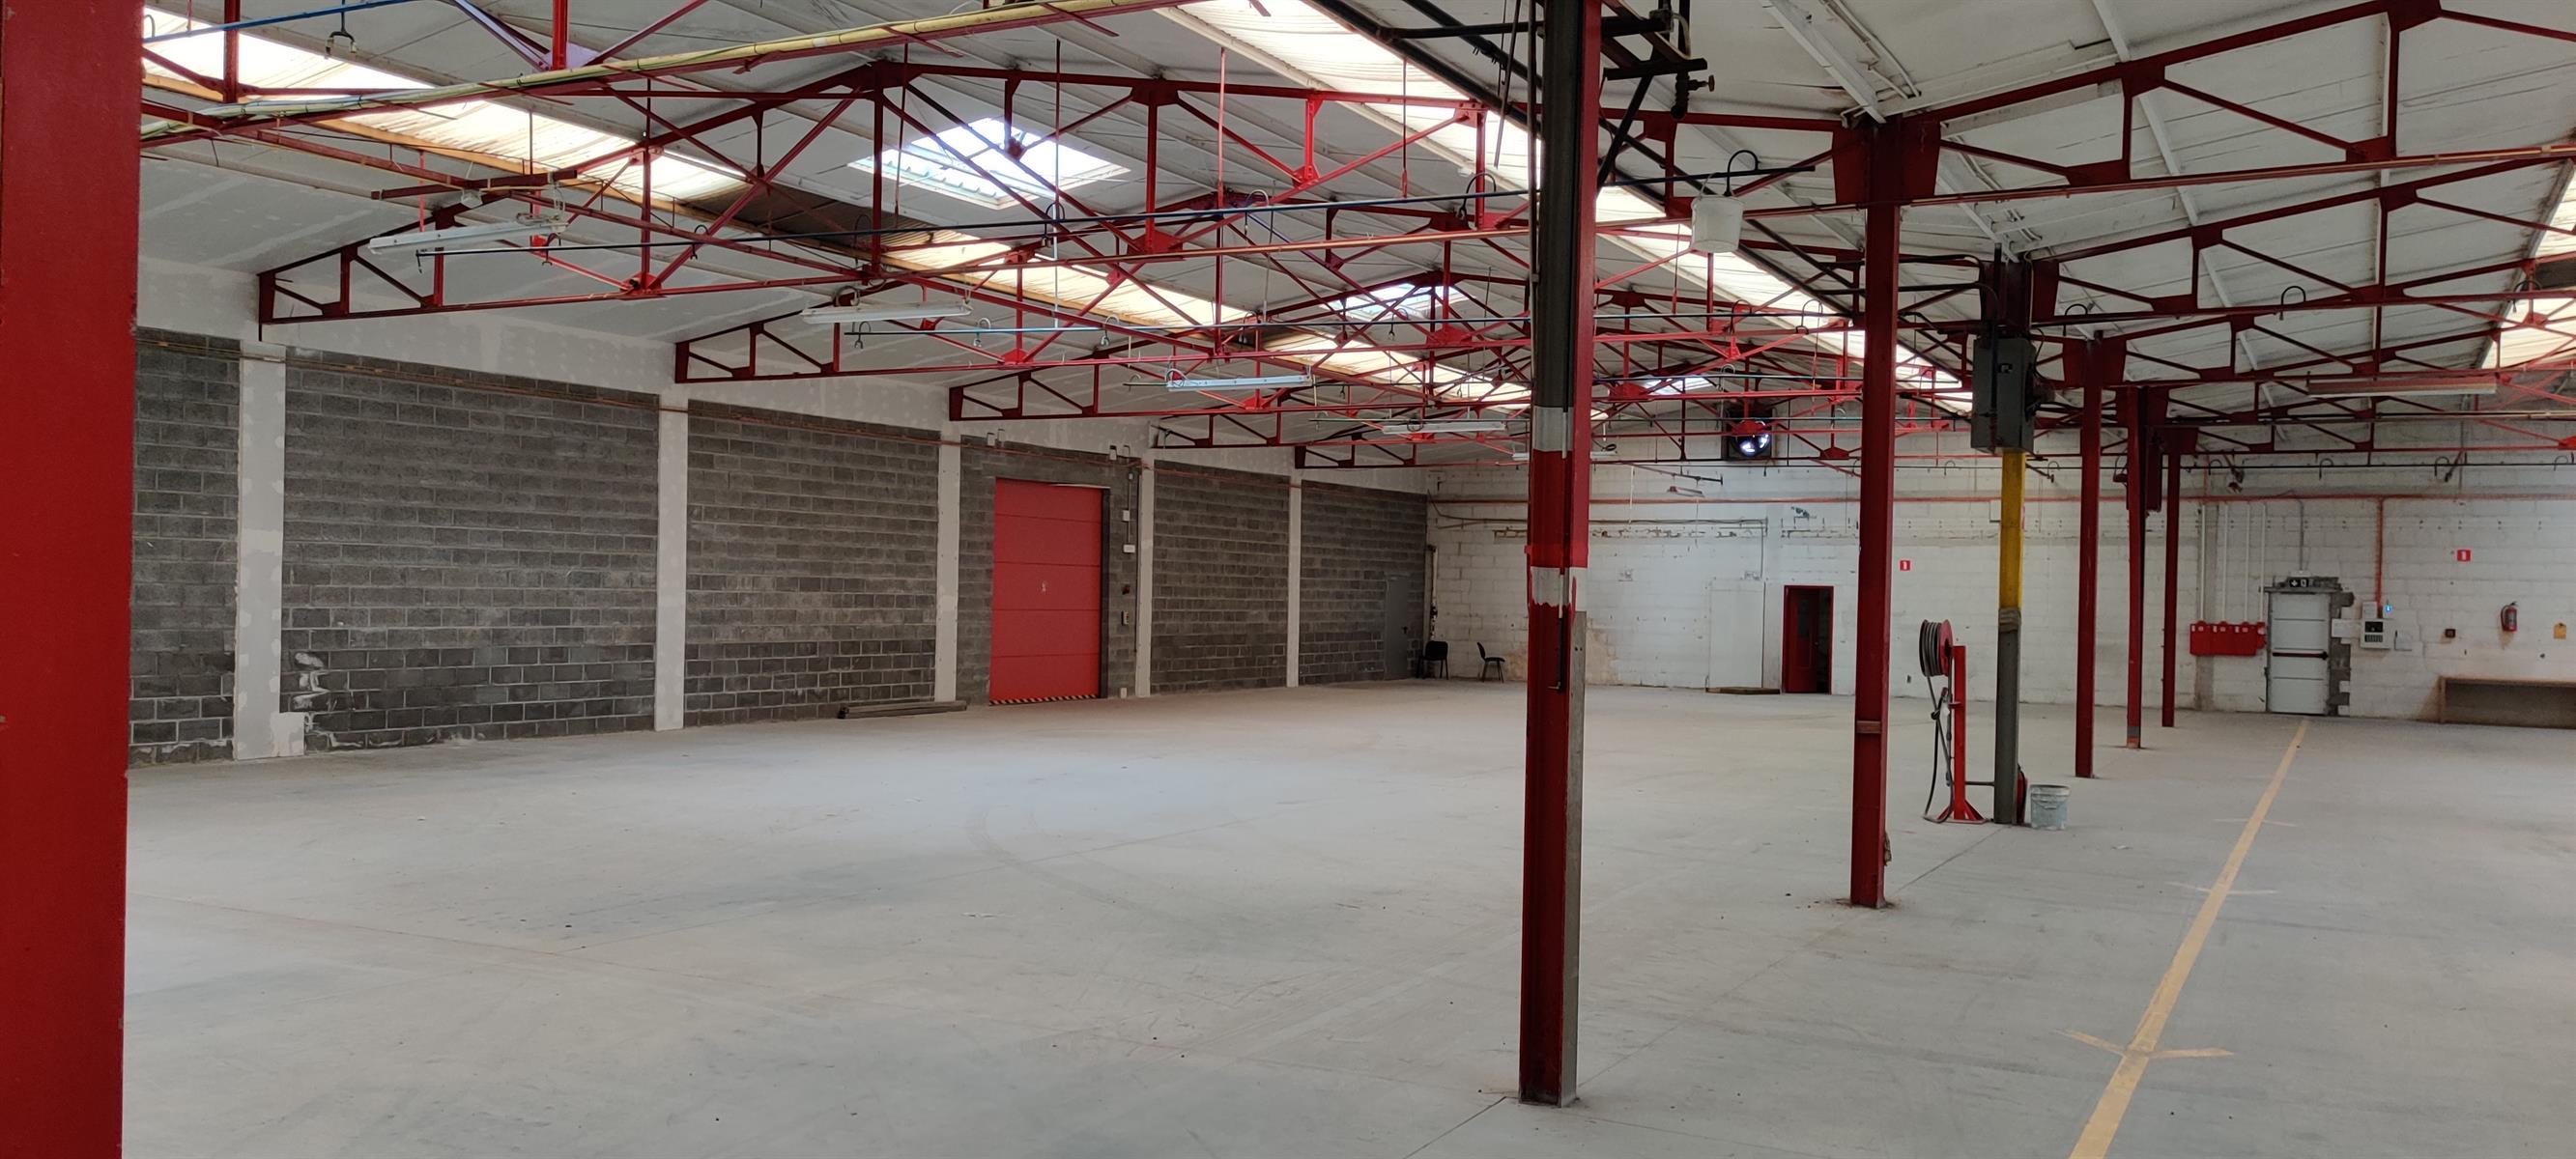 gebouw voor gemengd gebruik te huur I158 - Lumbeekstraat 38, 1700 Dilbeek Sint-Ulriks-Kapelle, België 13